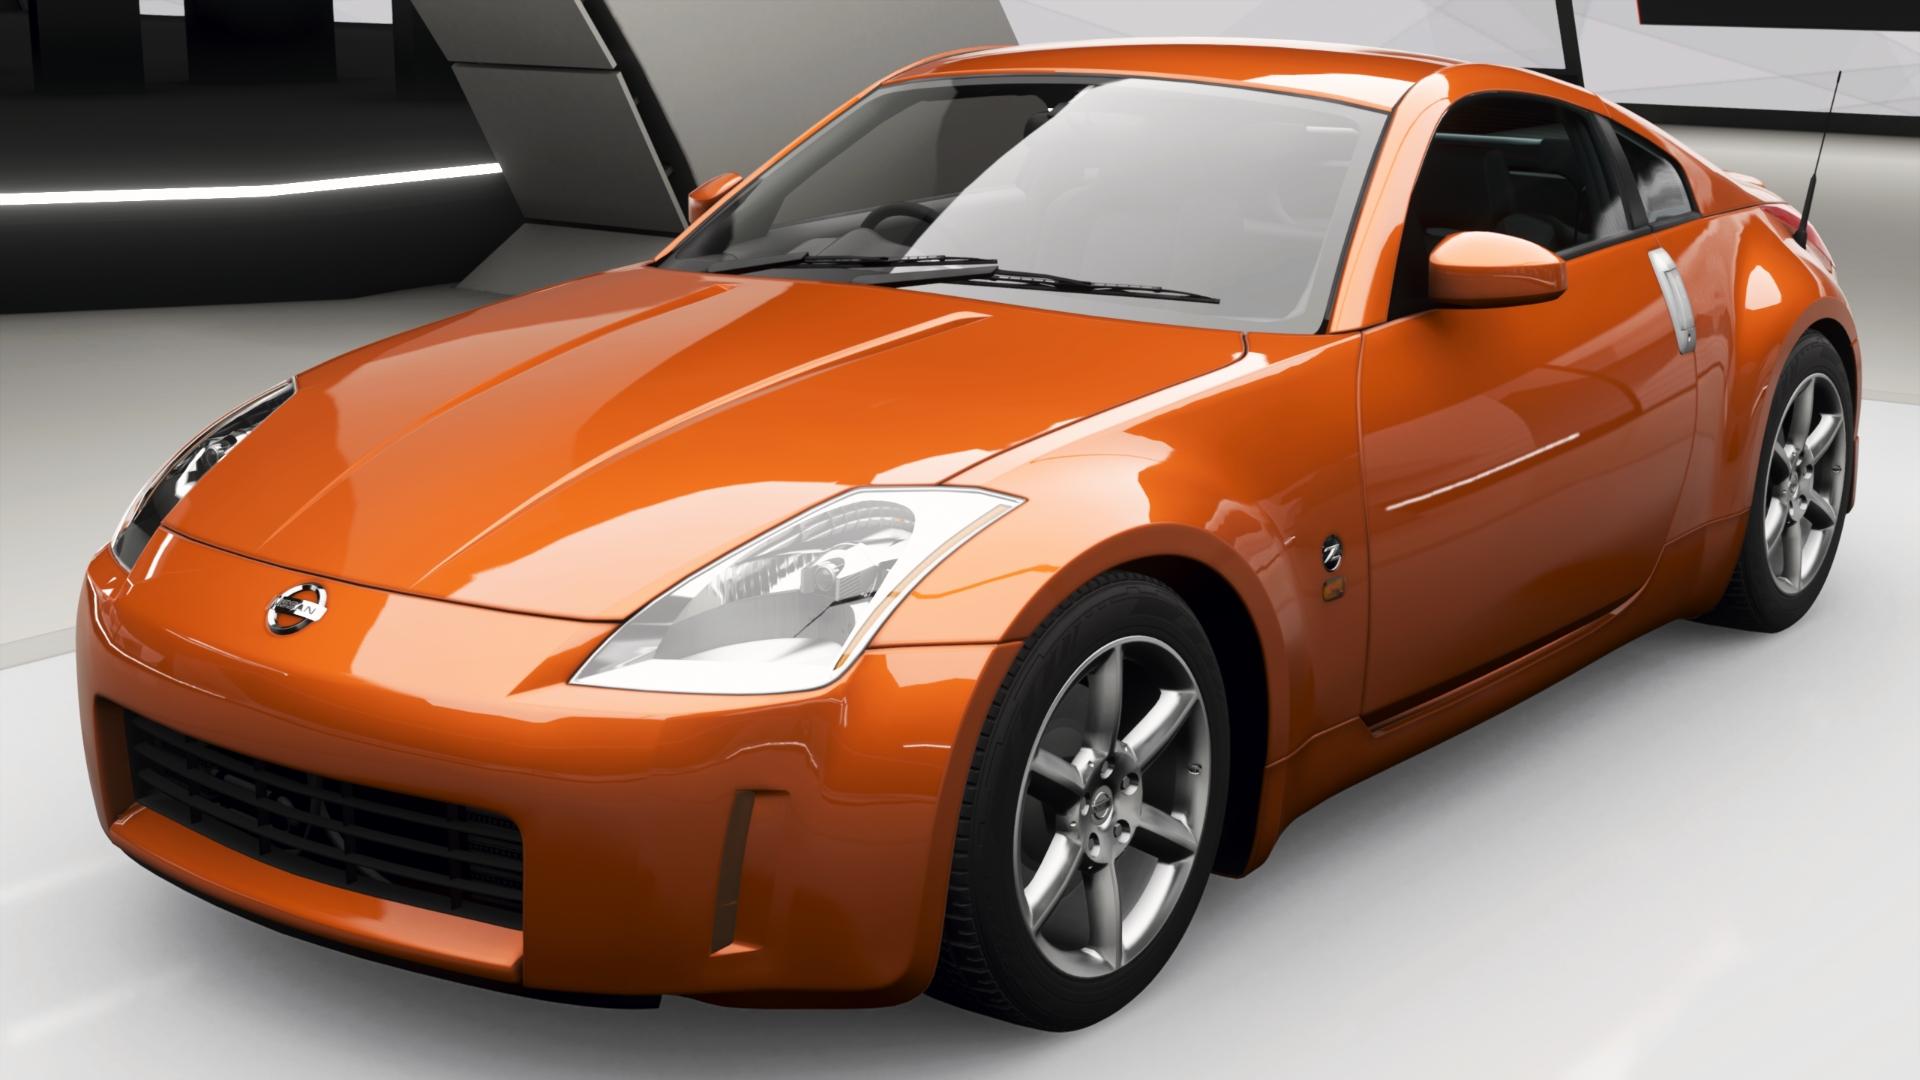 Nissan Fairlady Z >> Nissan Fairlady Z Forza Motorsport Wiki Fandom Powered By Wikia